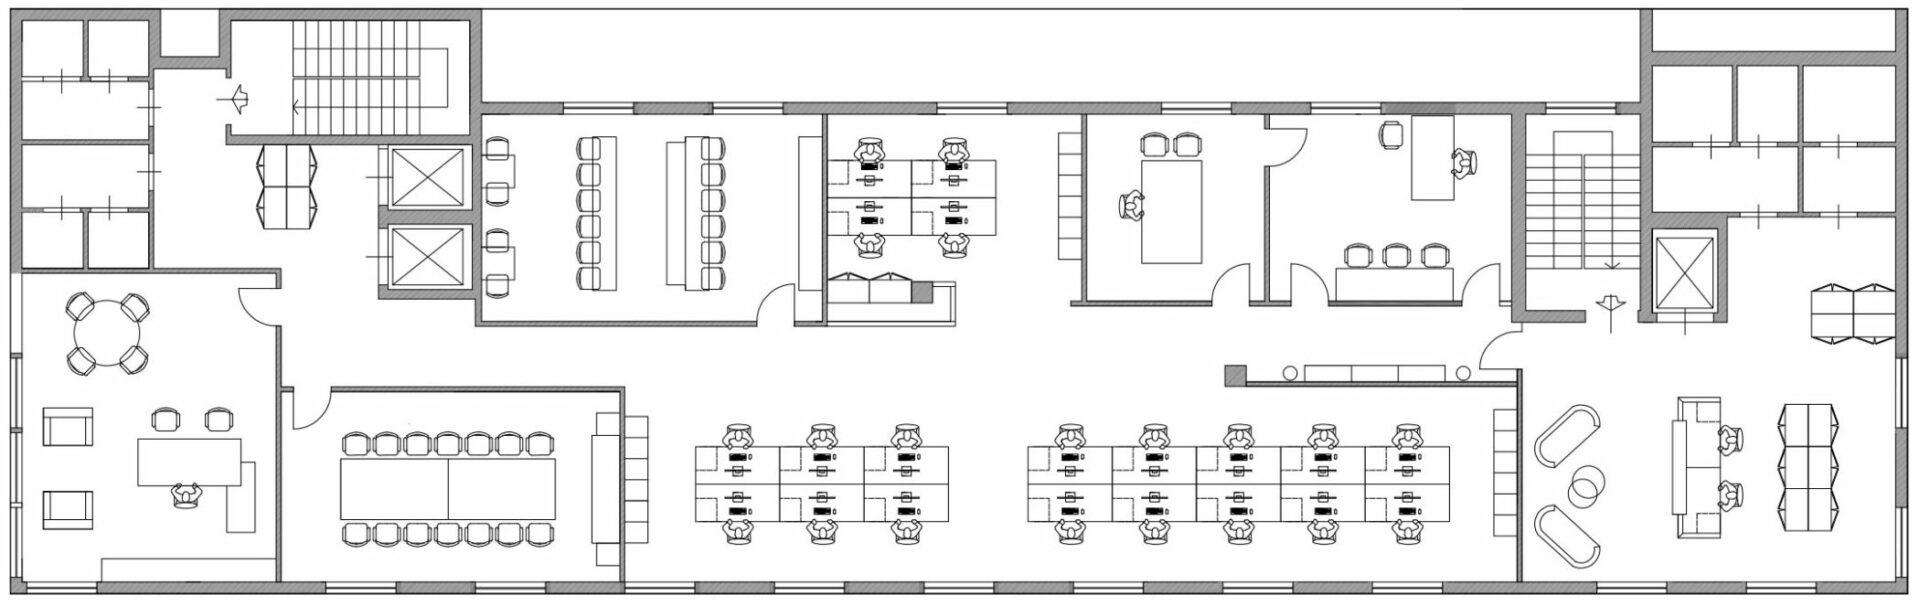 CATALOGO TANZI 2019 4 1 scaled - Produzione mobili per ufficio Tanzi